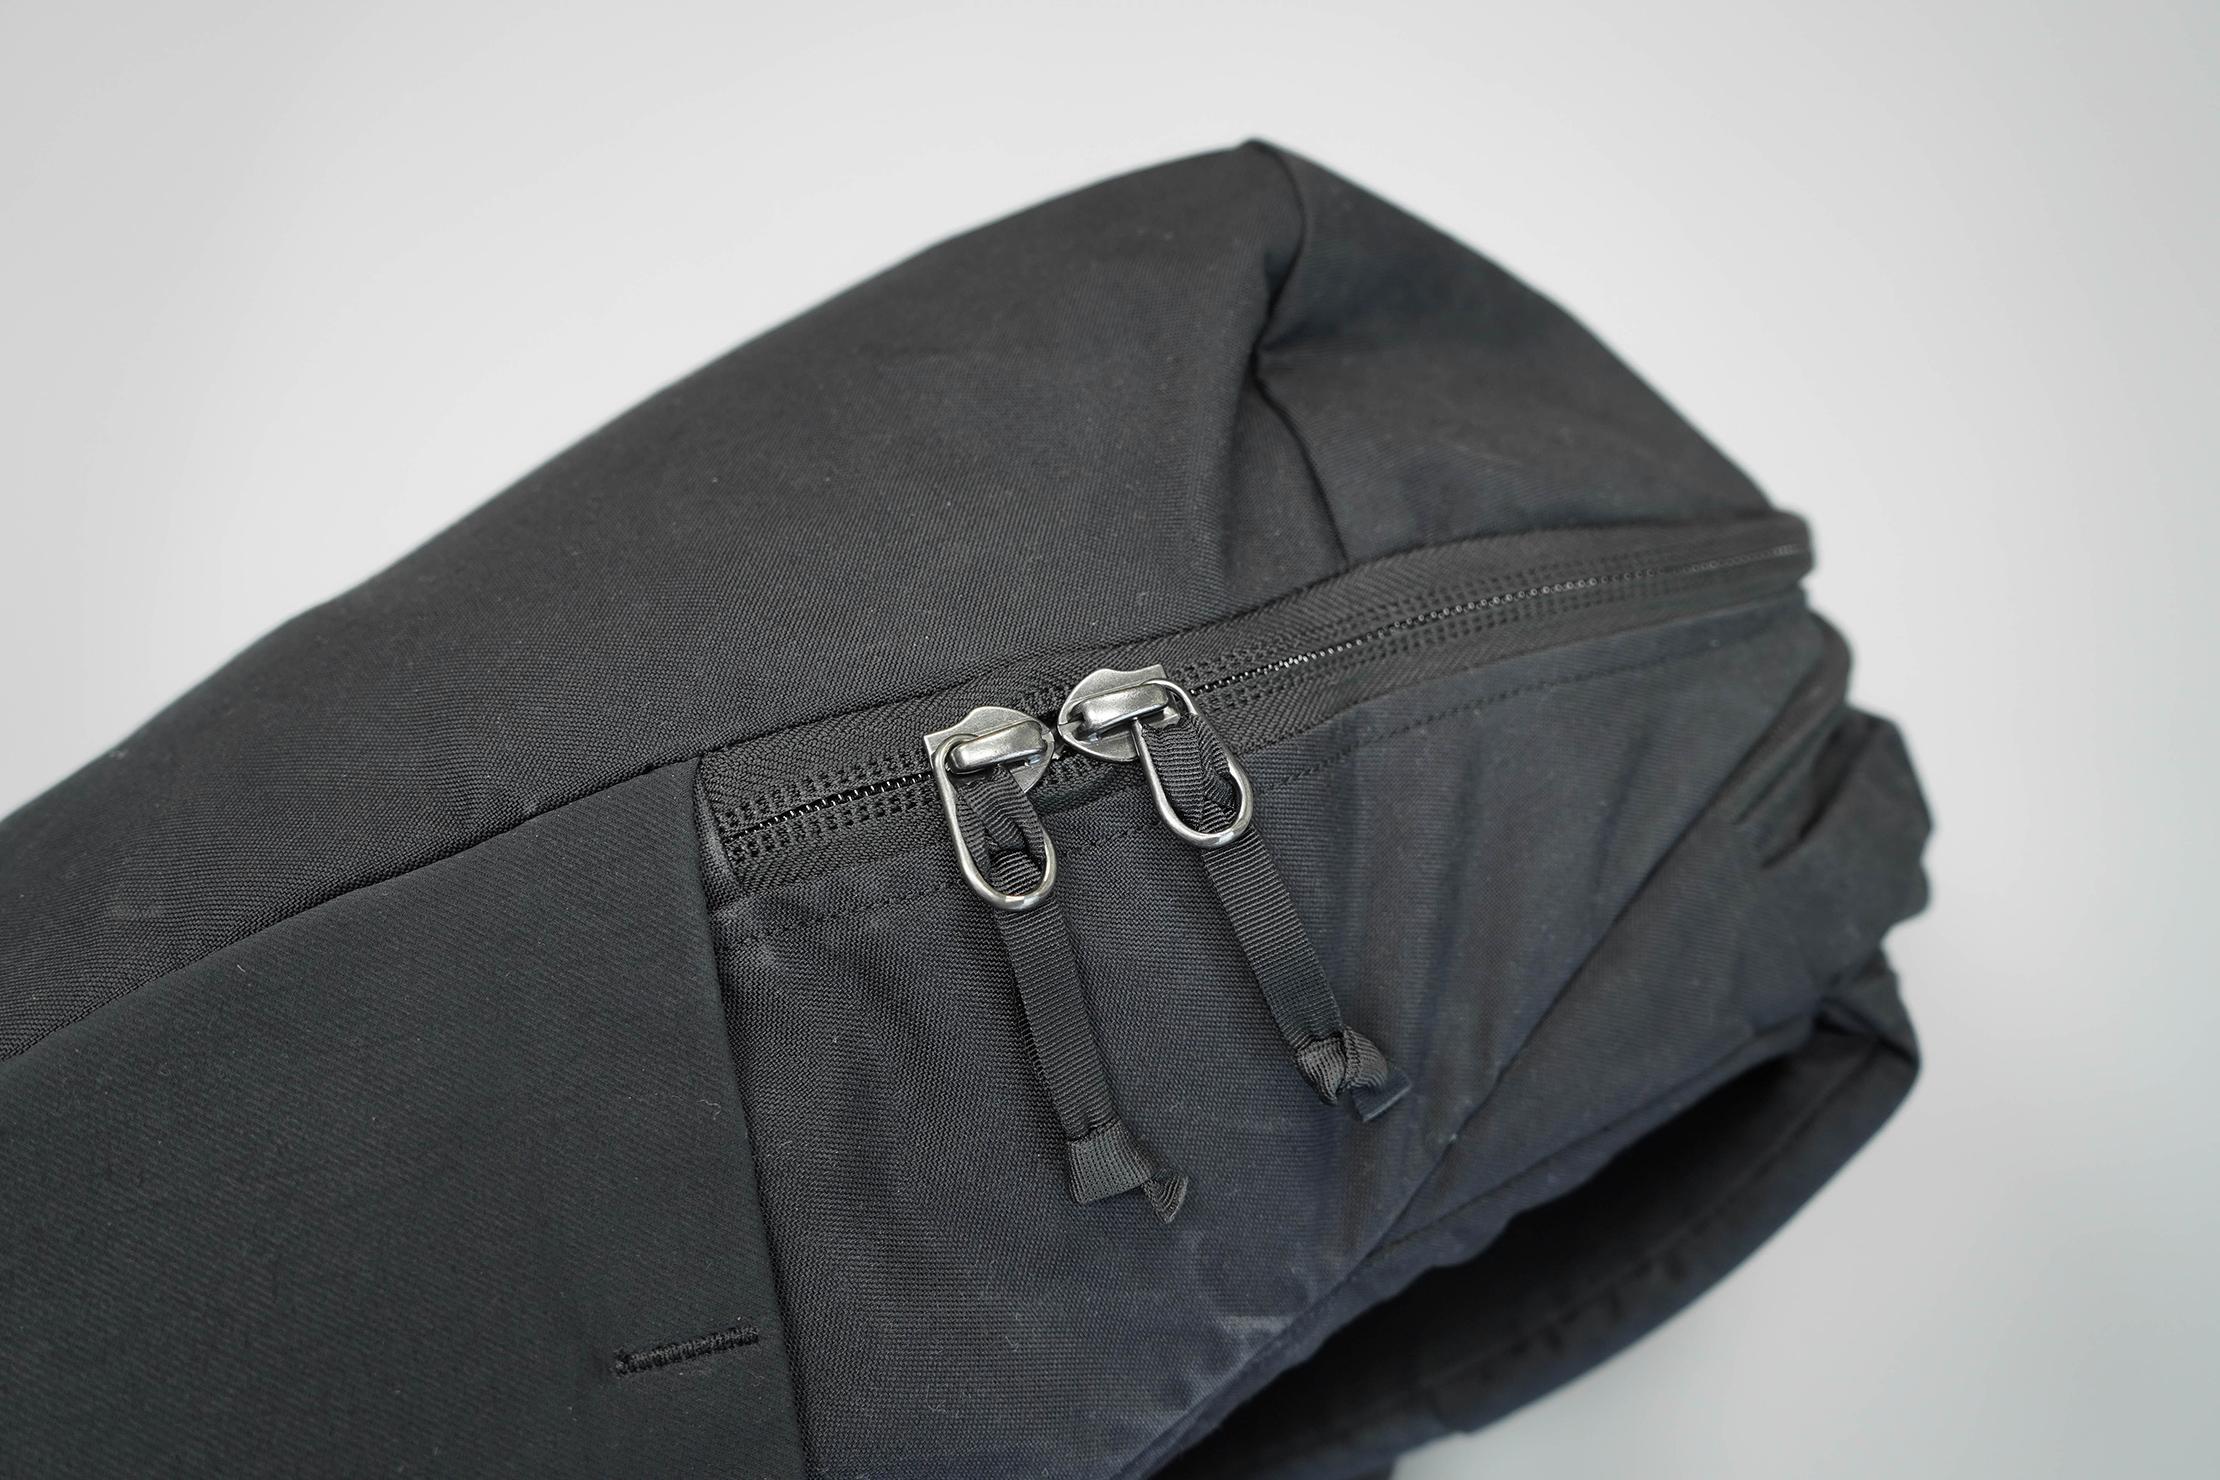 EVERGOODS Civic Half Zip 22 Zippers